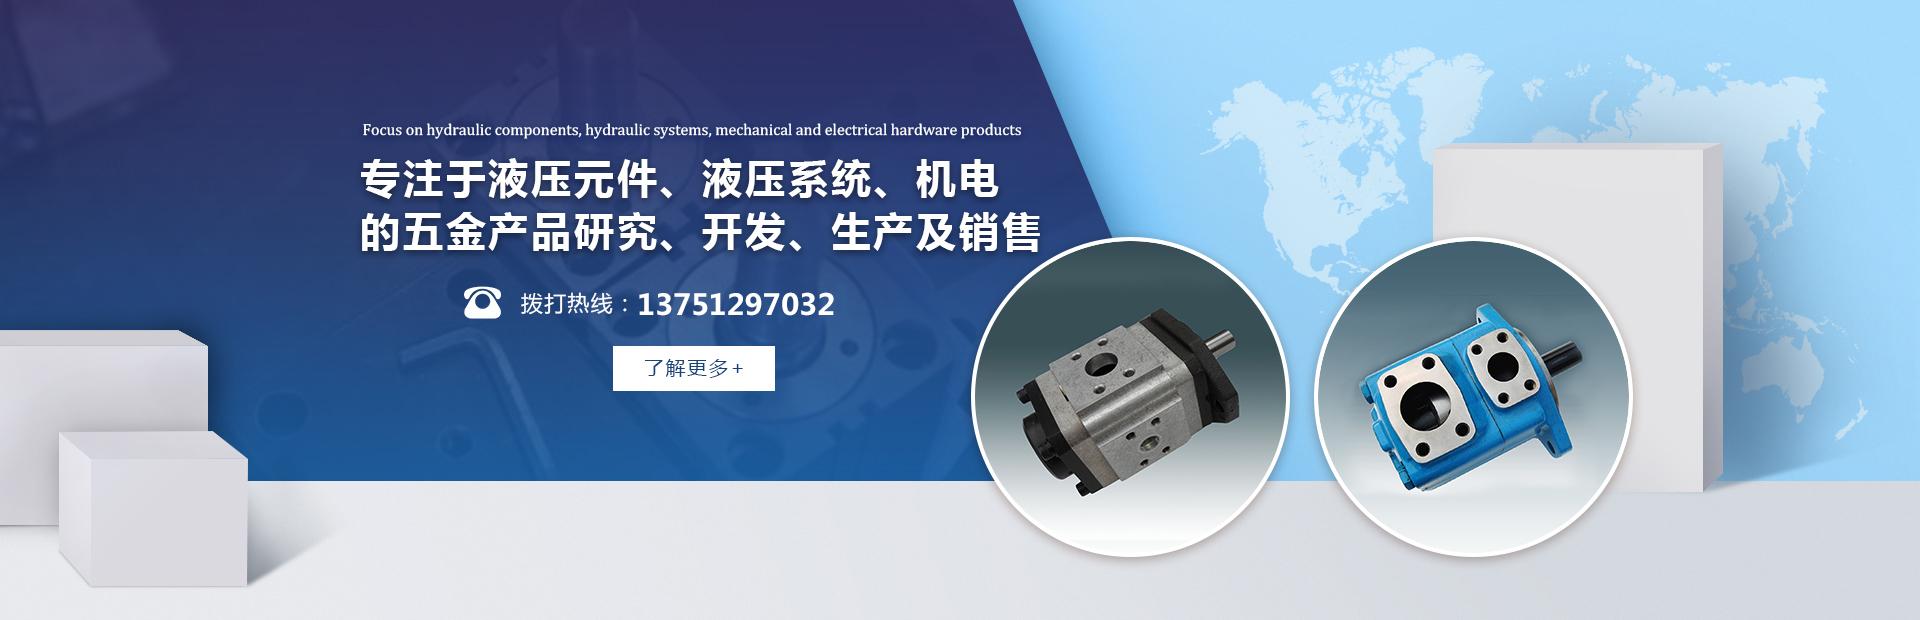 油压机叶片泵